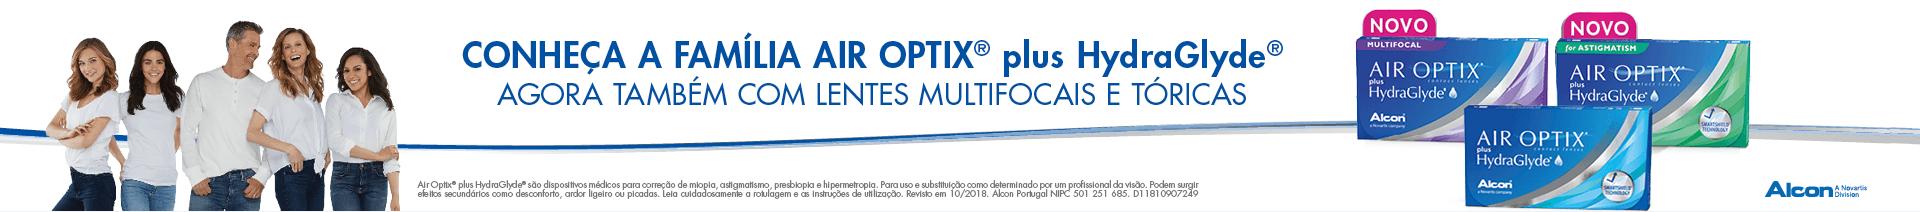 2a265f9540325 Conheça a Família Air Optix® plus Hydraglyde em Lentes de Contacto 365®